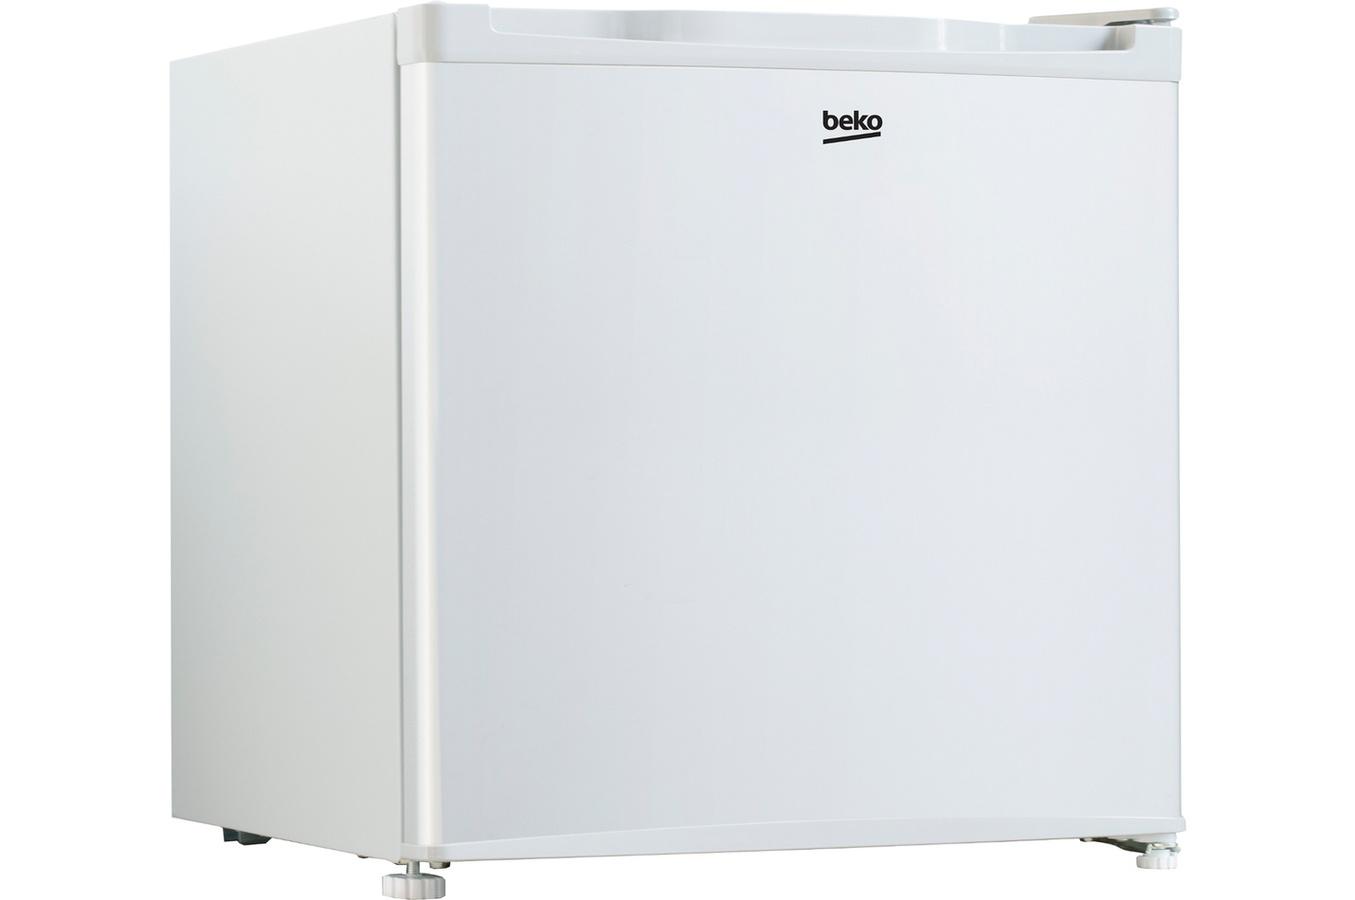 Syst me frigorifique tous les mod les pour - Quelle temperature dans un frigo ...